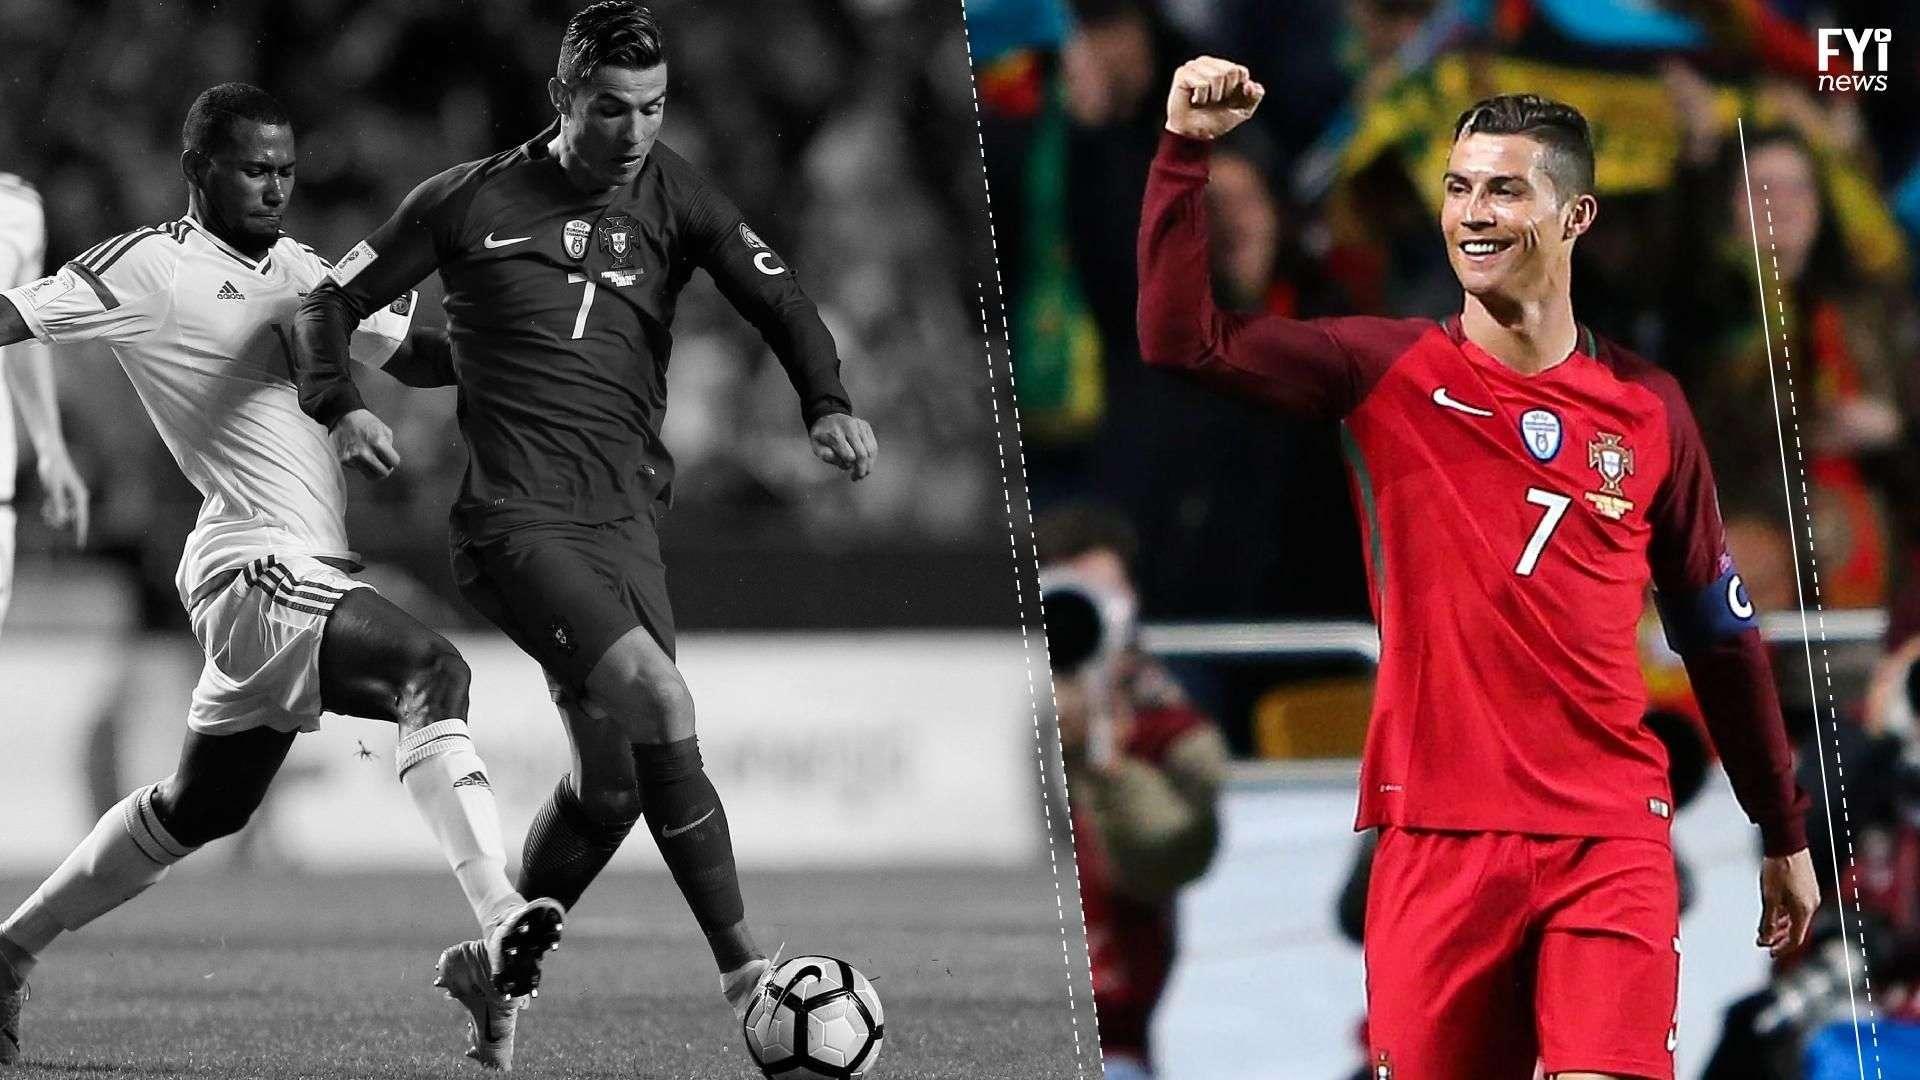 Os 20 jogadores mais bem pagos do futebol